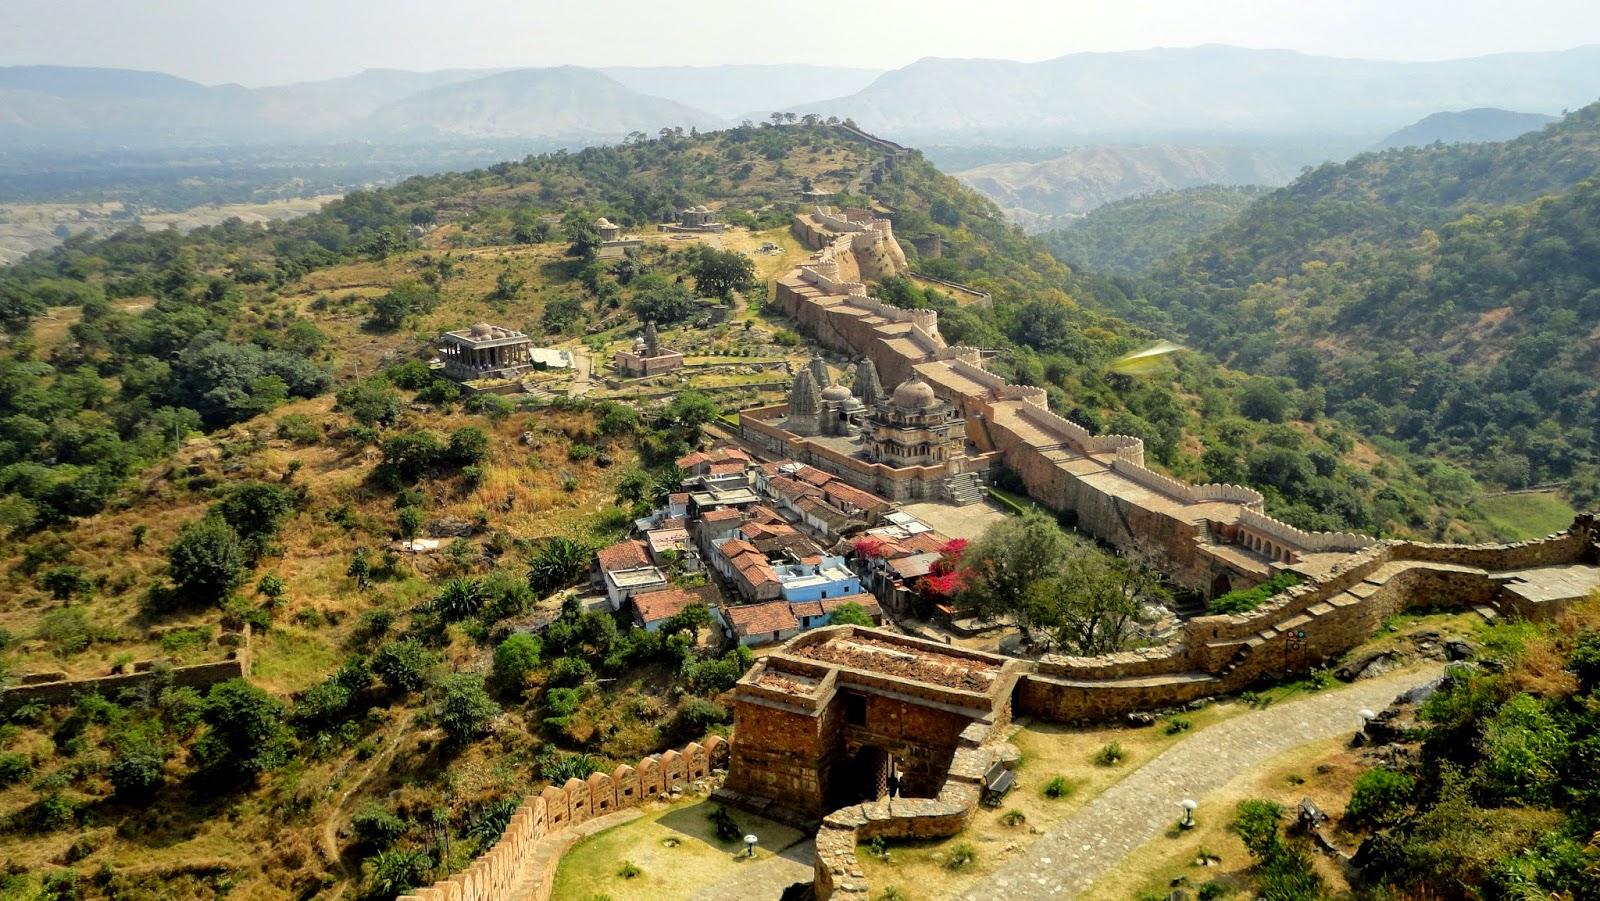 Kumbhalgarh India  City new picture : Documentalium: Kumbhalgarh Wall, la Gran Muralla India